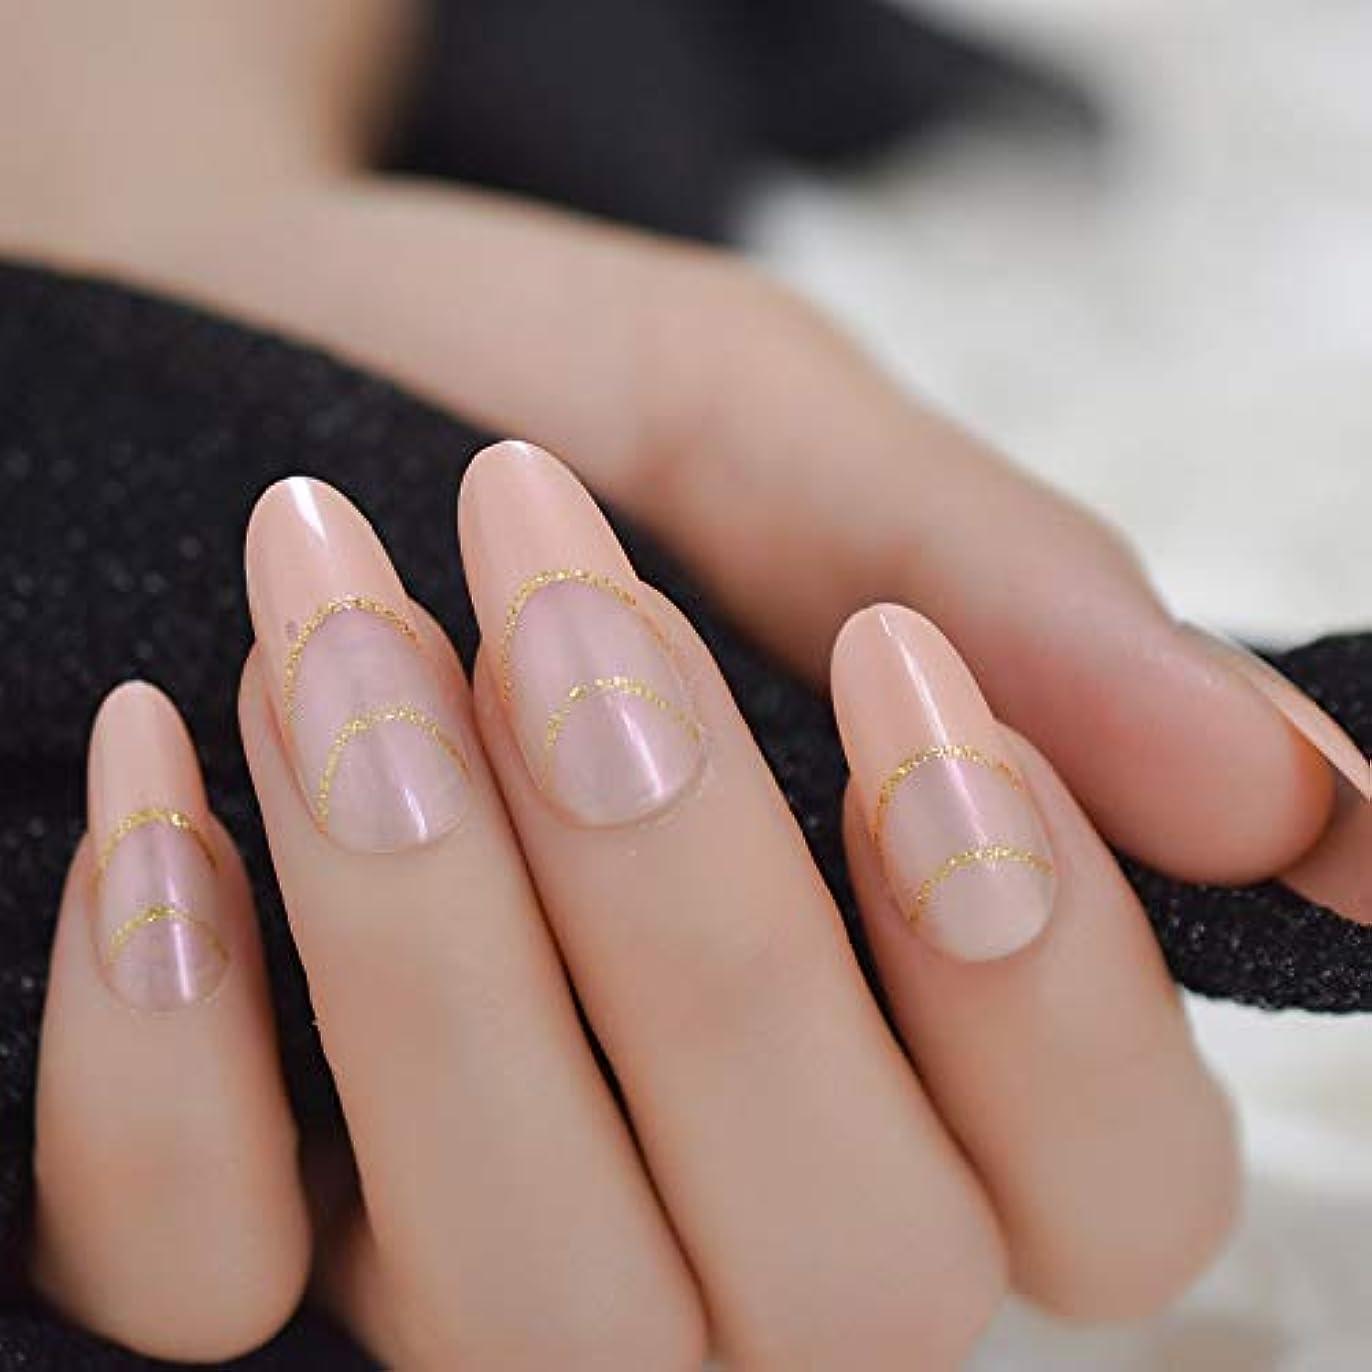 放牧するバー校長XUTXZKA 指のためのマニキュアアートのための裸のピンクのヒントロングラウンド偽ネイルピンクがかったゴールドラメの偽ネイルフォーム